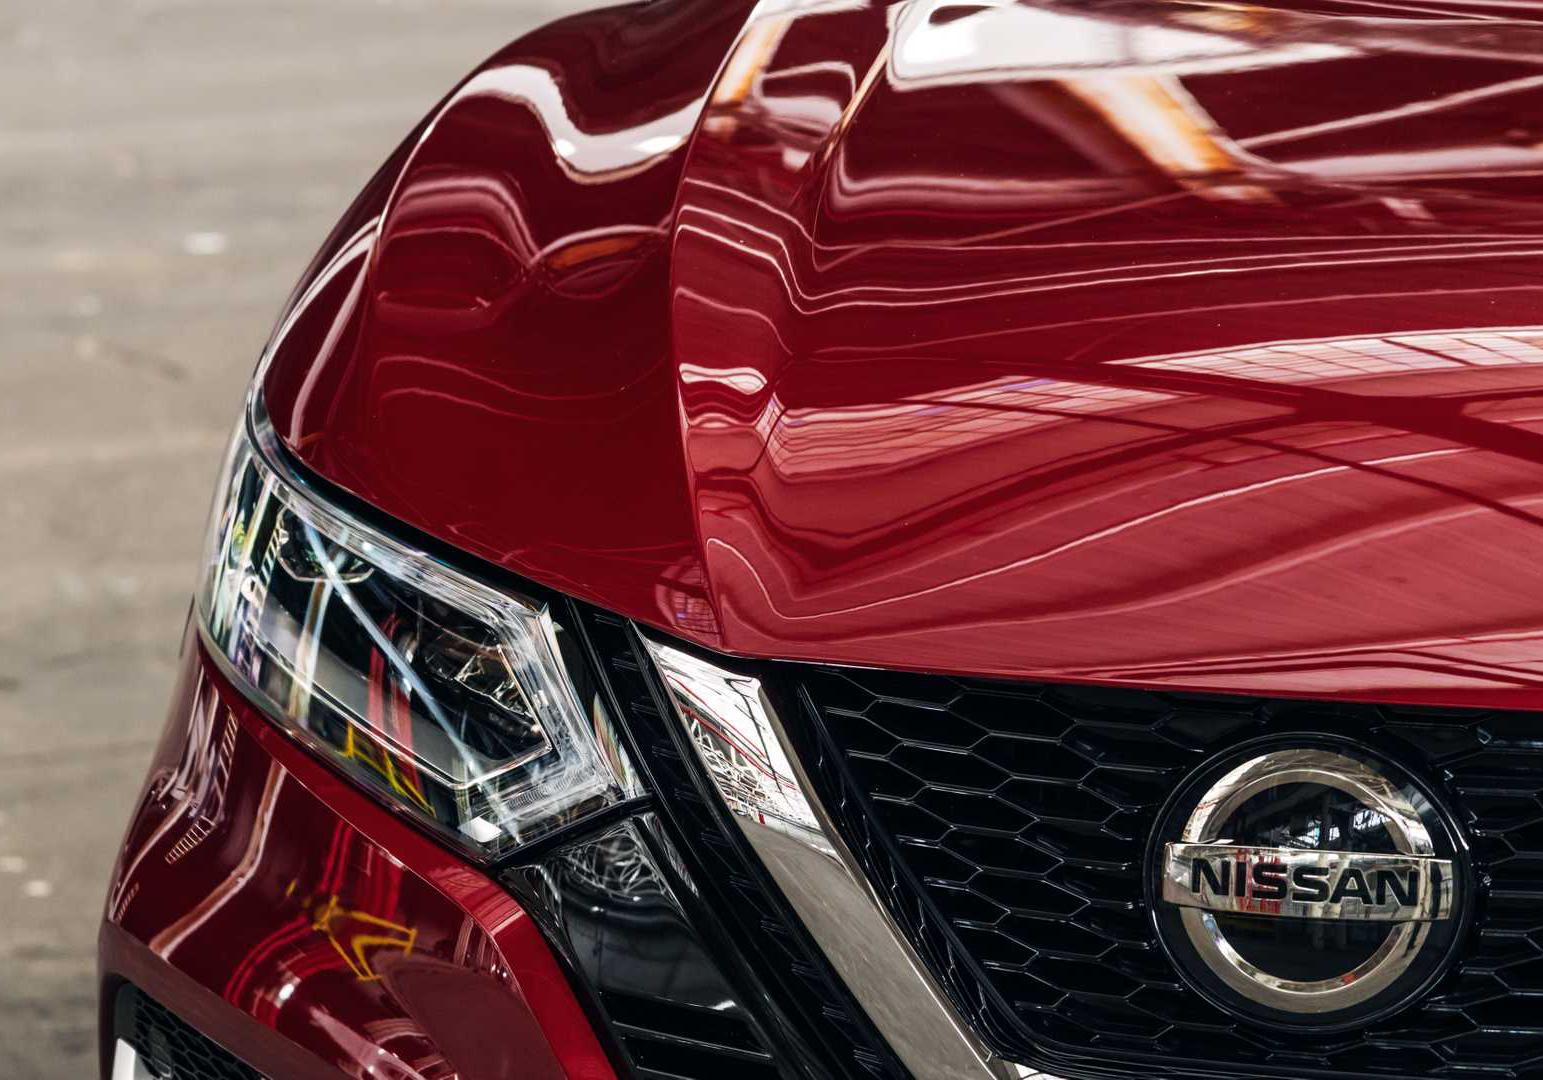 نمایشگاه شیکاگو ۲۰۱۹   خودروی جدید نیسان، Rouge Sport با ظاهری بروزشده رونمایی شد +تصاویر